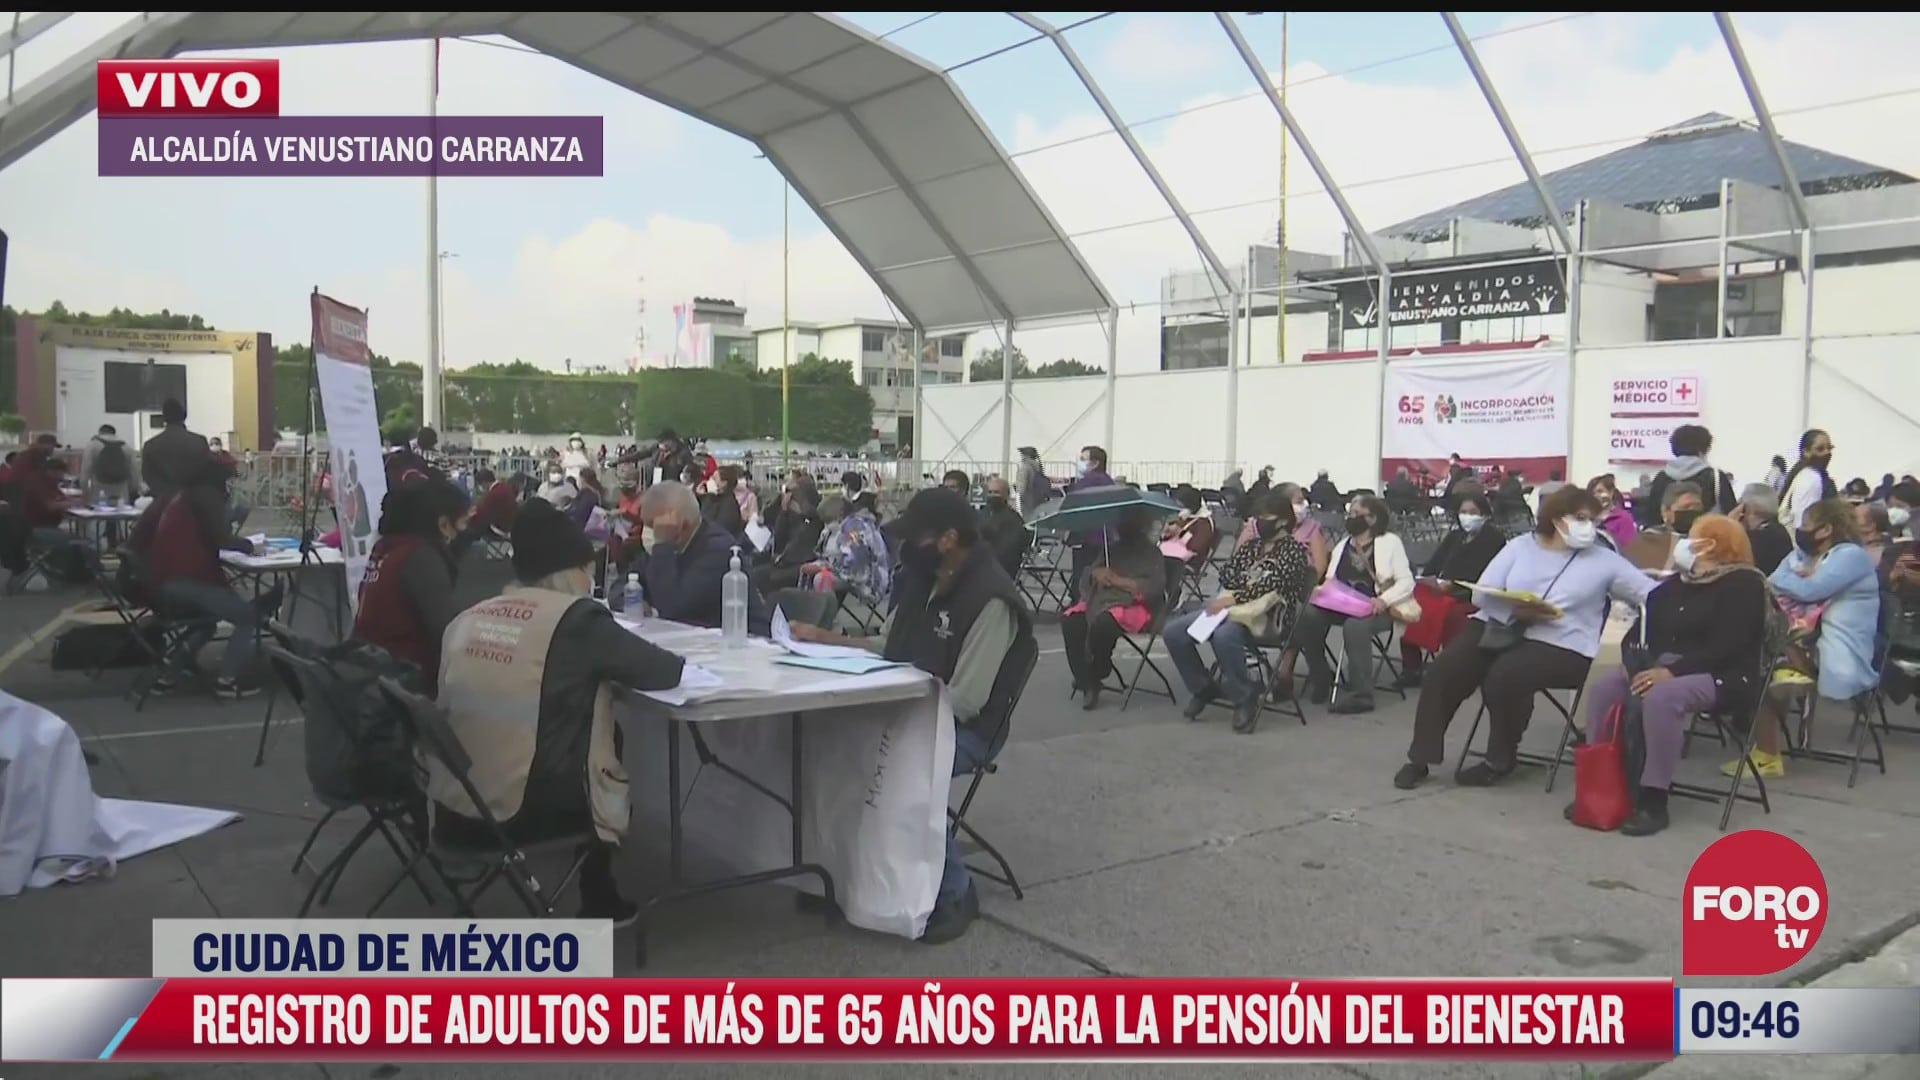 registro de adultos de mas de 65 anos para la pension del bienestar en cdmx